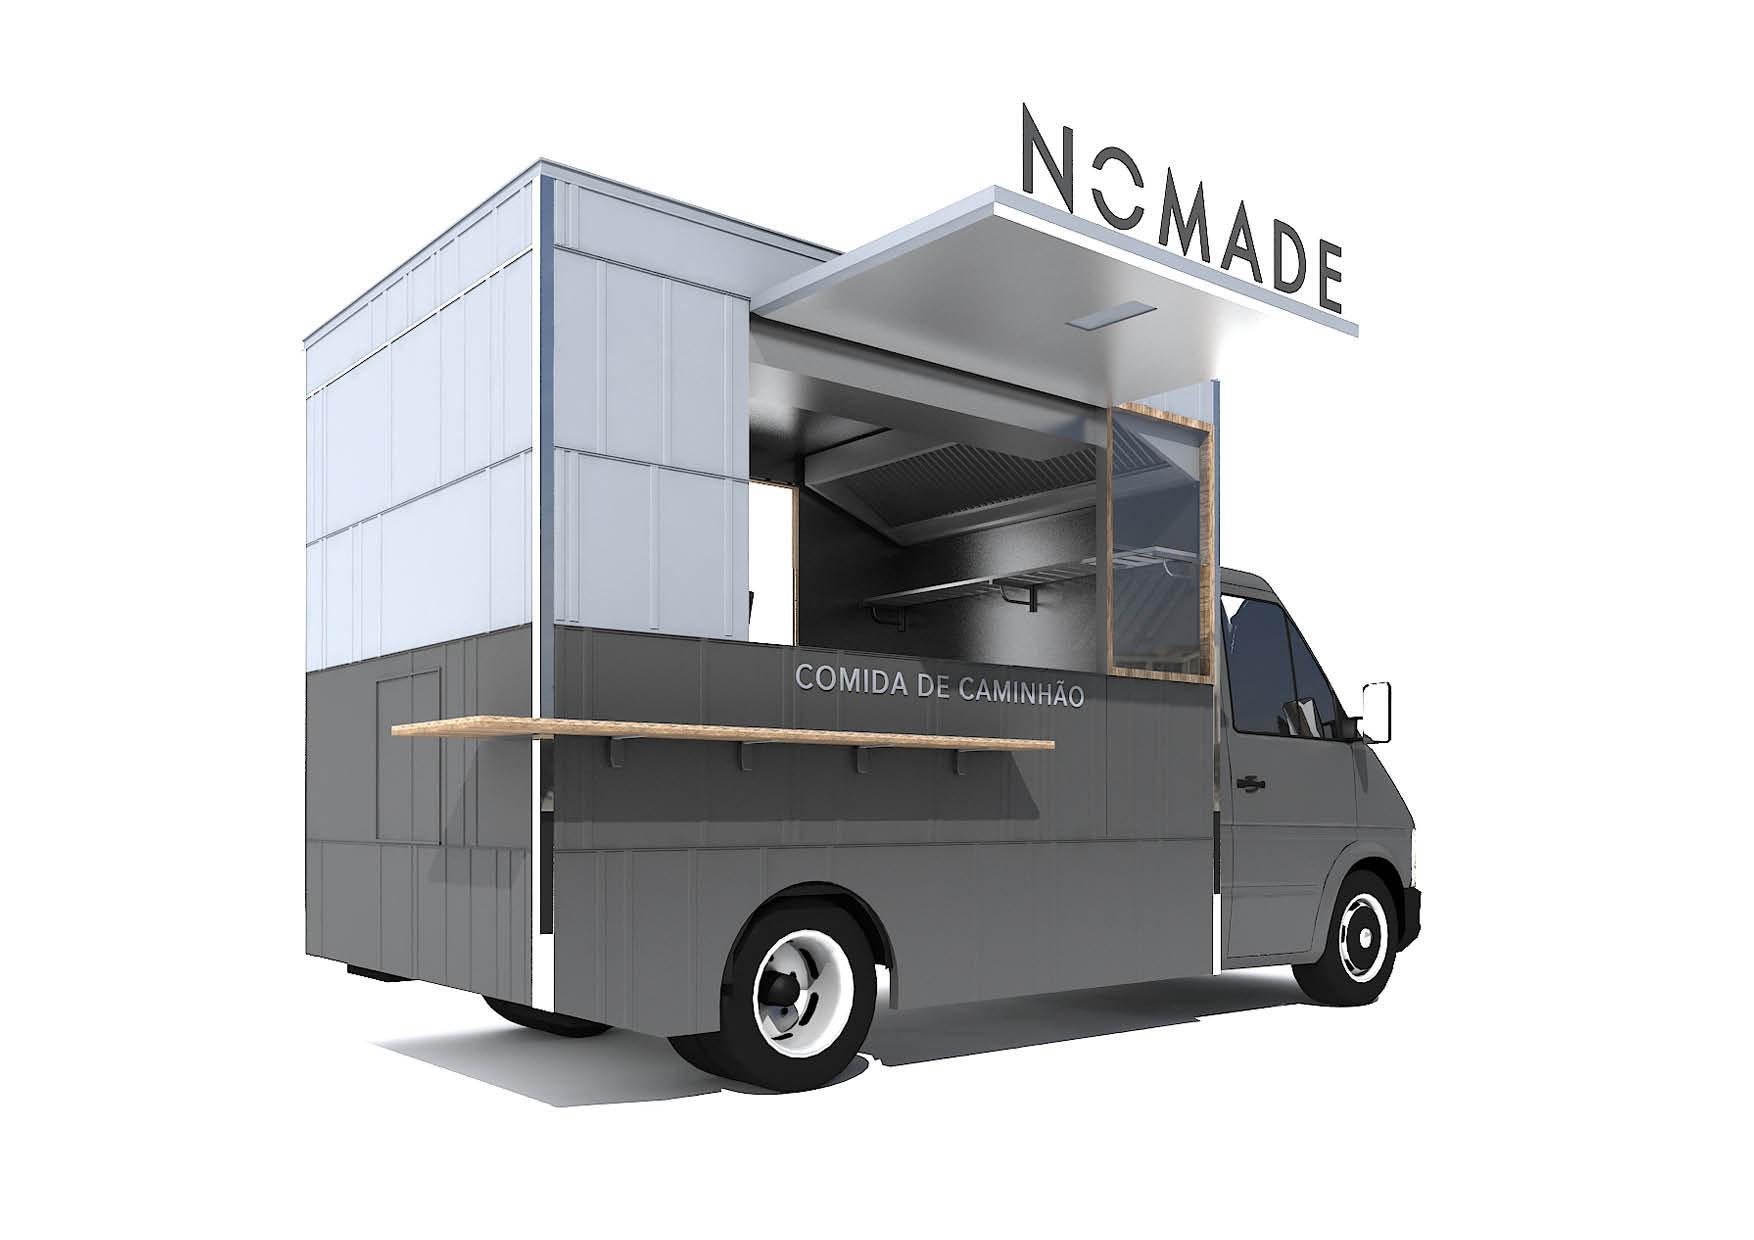 nomade_0111.jpg